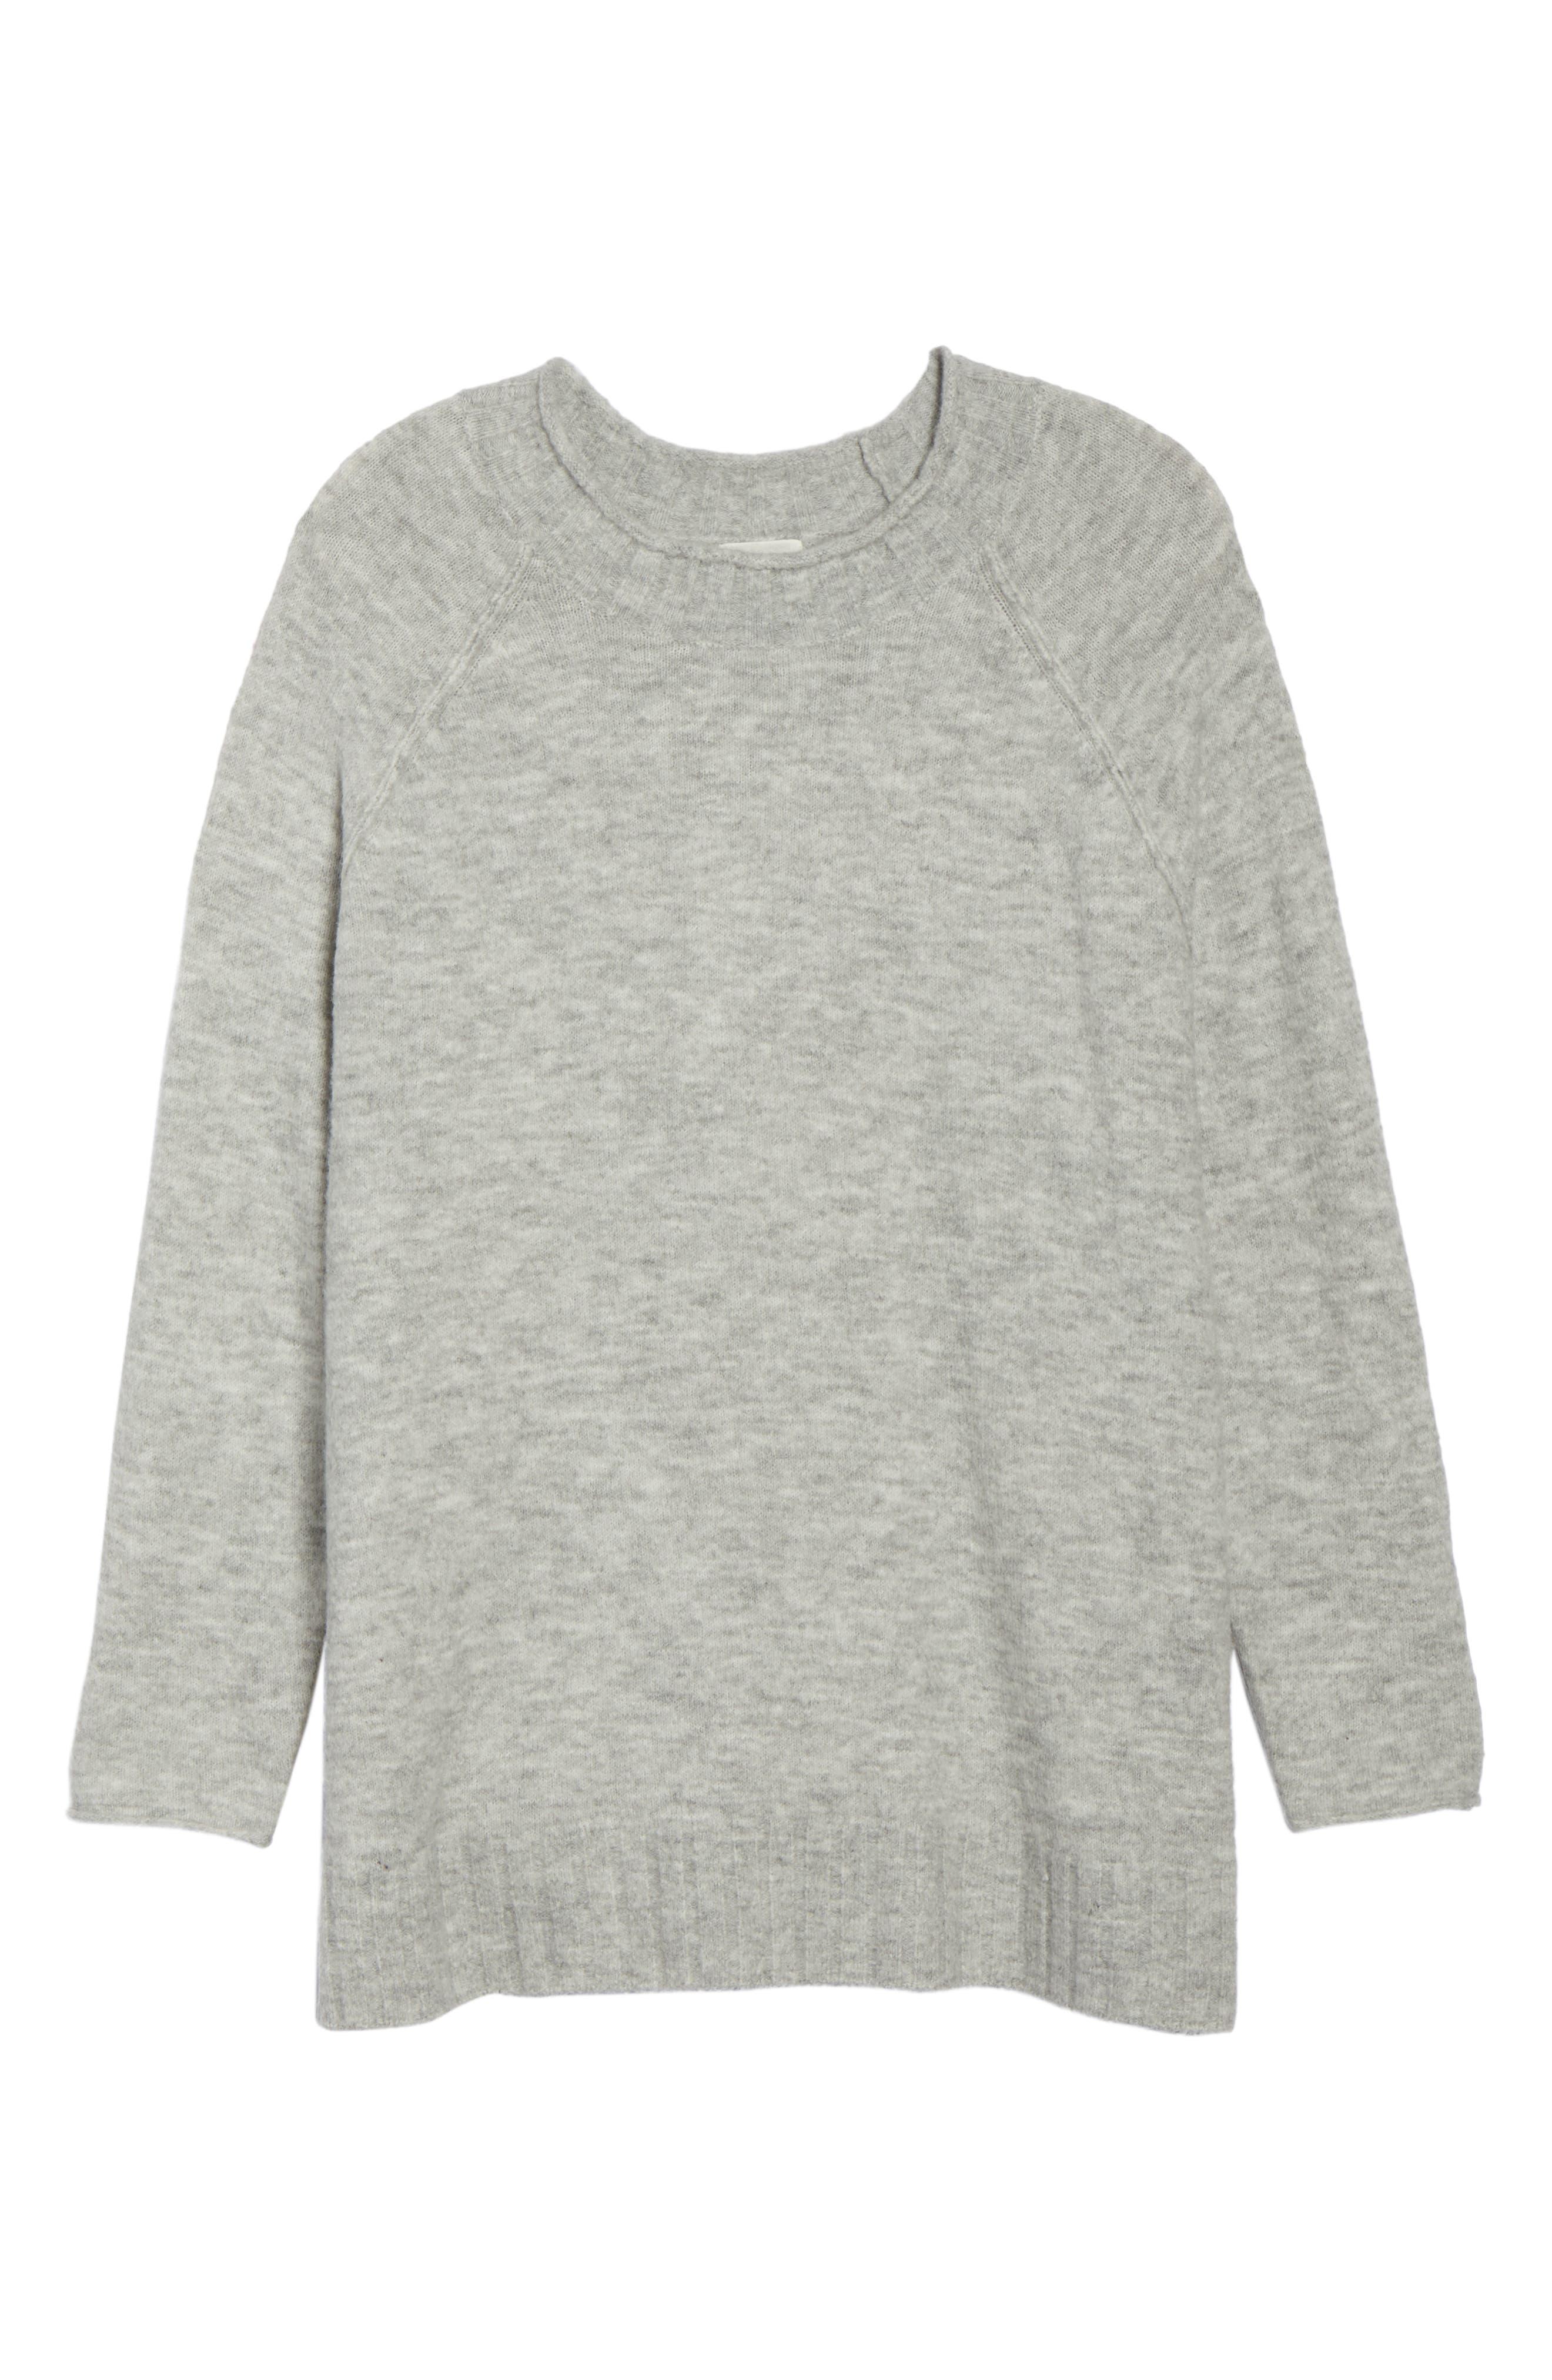 CASLON<SUP>®</SUP>, Cozy Crewneck Sweater, Alternate thumbnail 6, color, 030